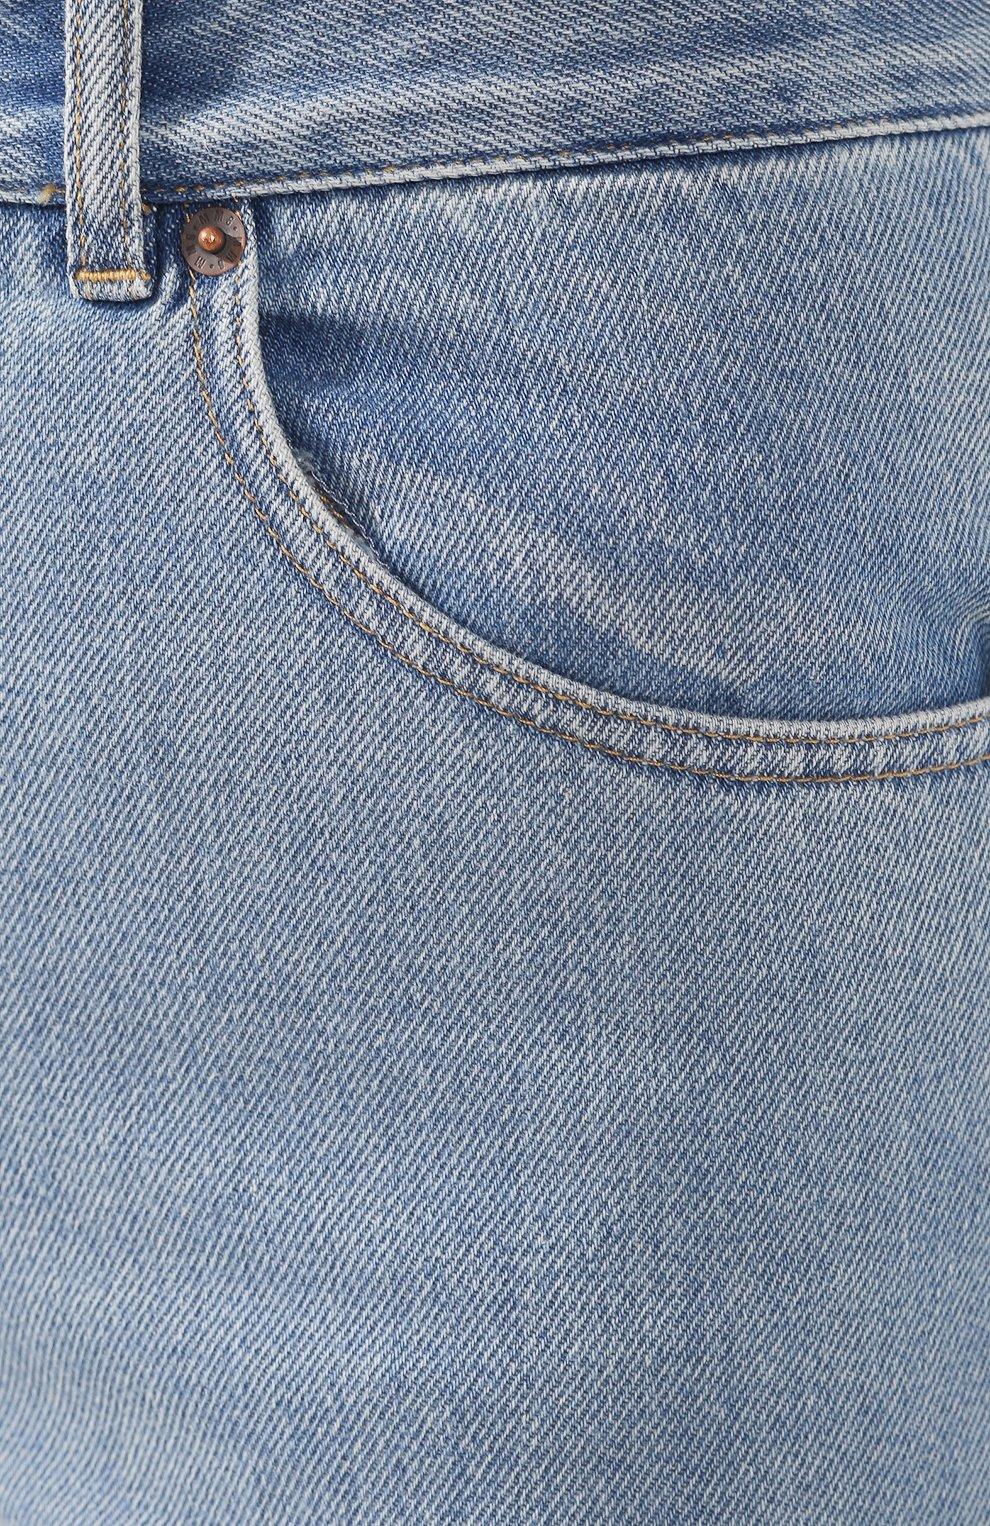 Женские джинсы MM6 голубого цвета, арт. S52LA0095/S30460   Фото 5